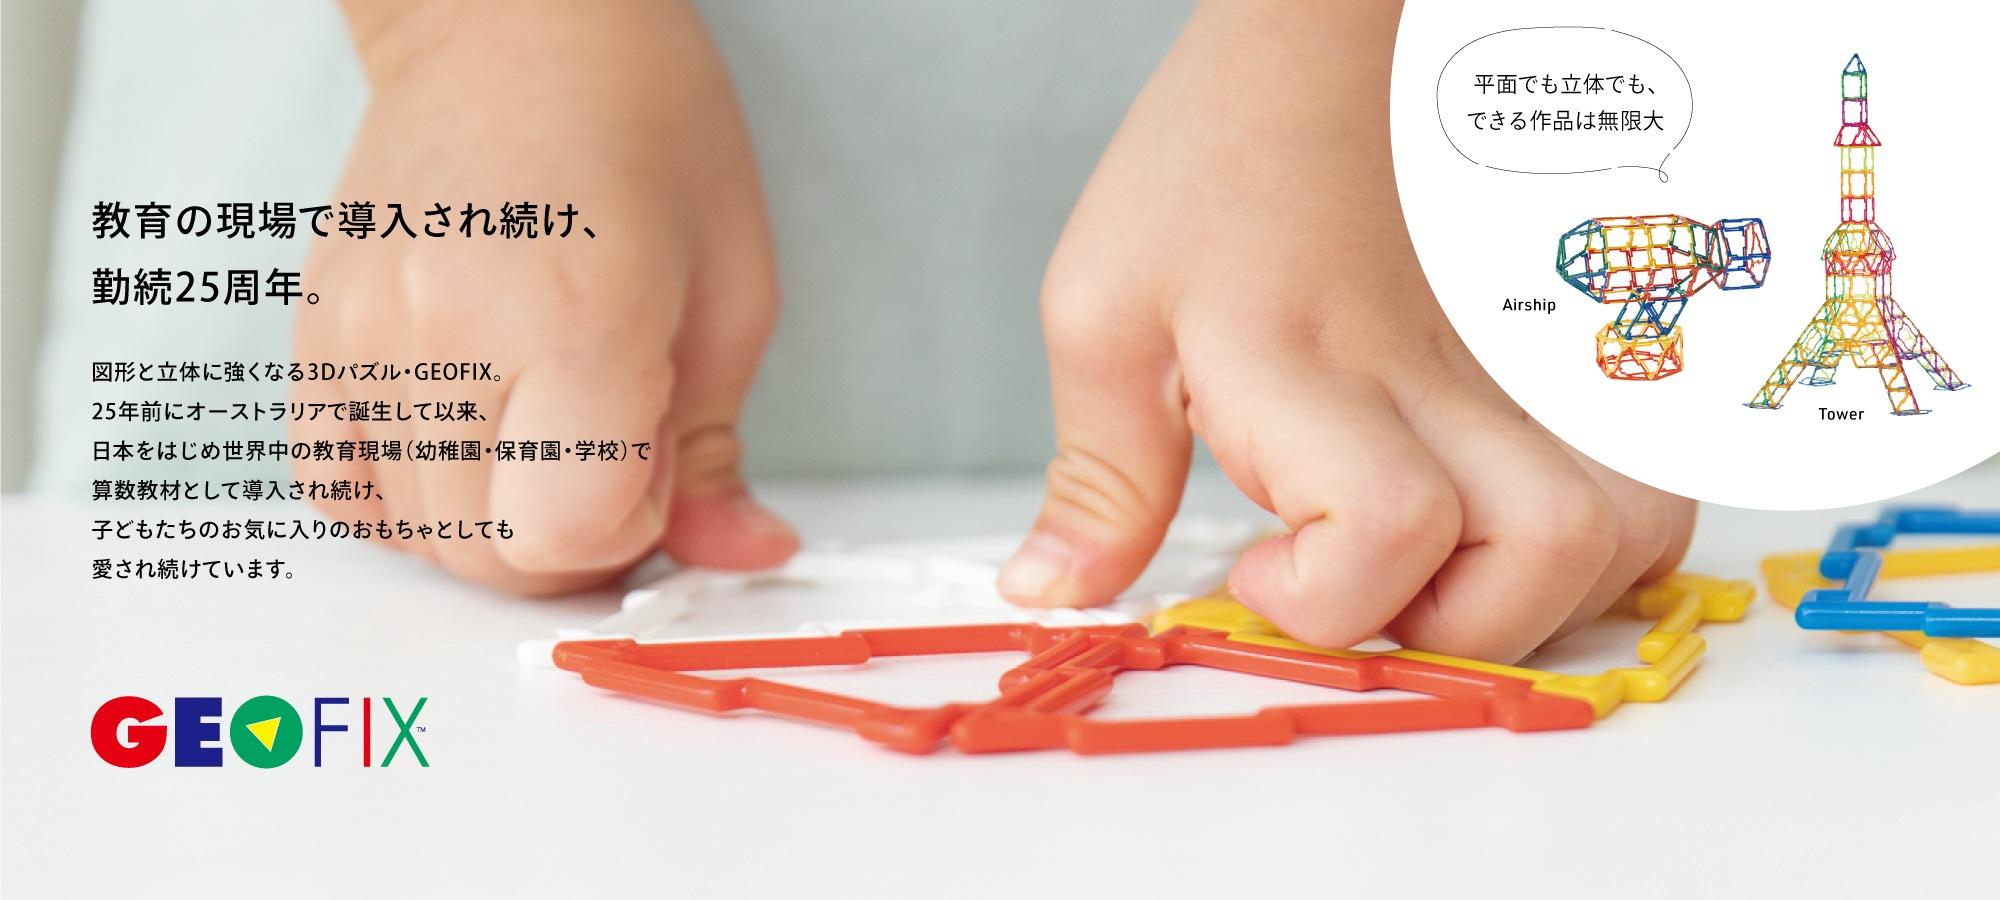 図形と立体に強くなる知育玩具・GEOFIX(ジオフィクス)